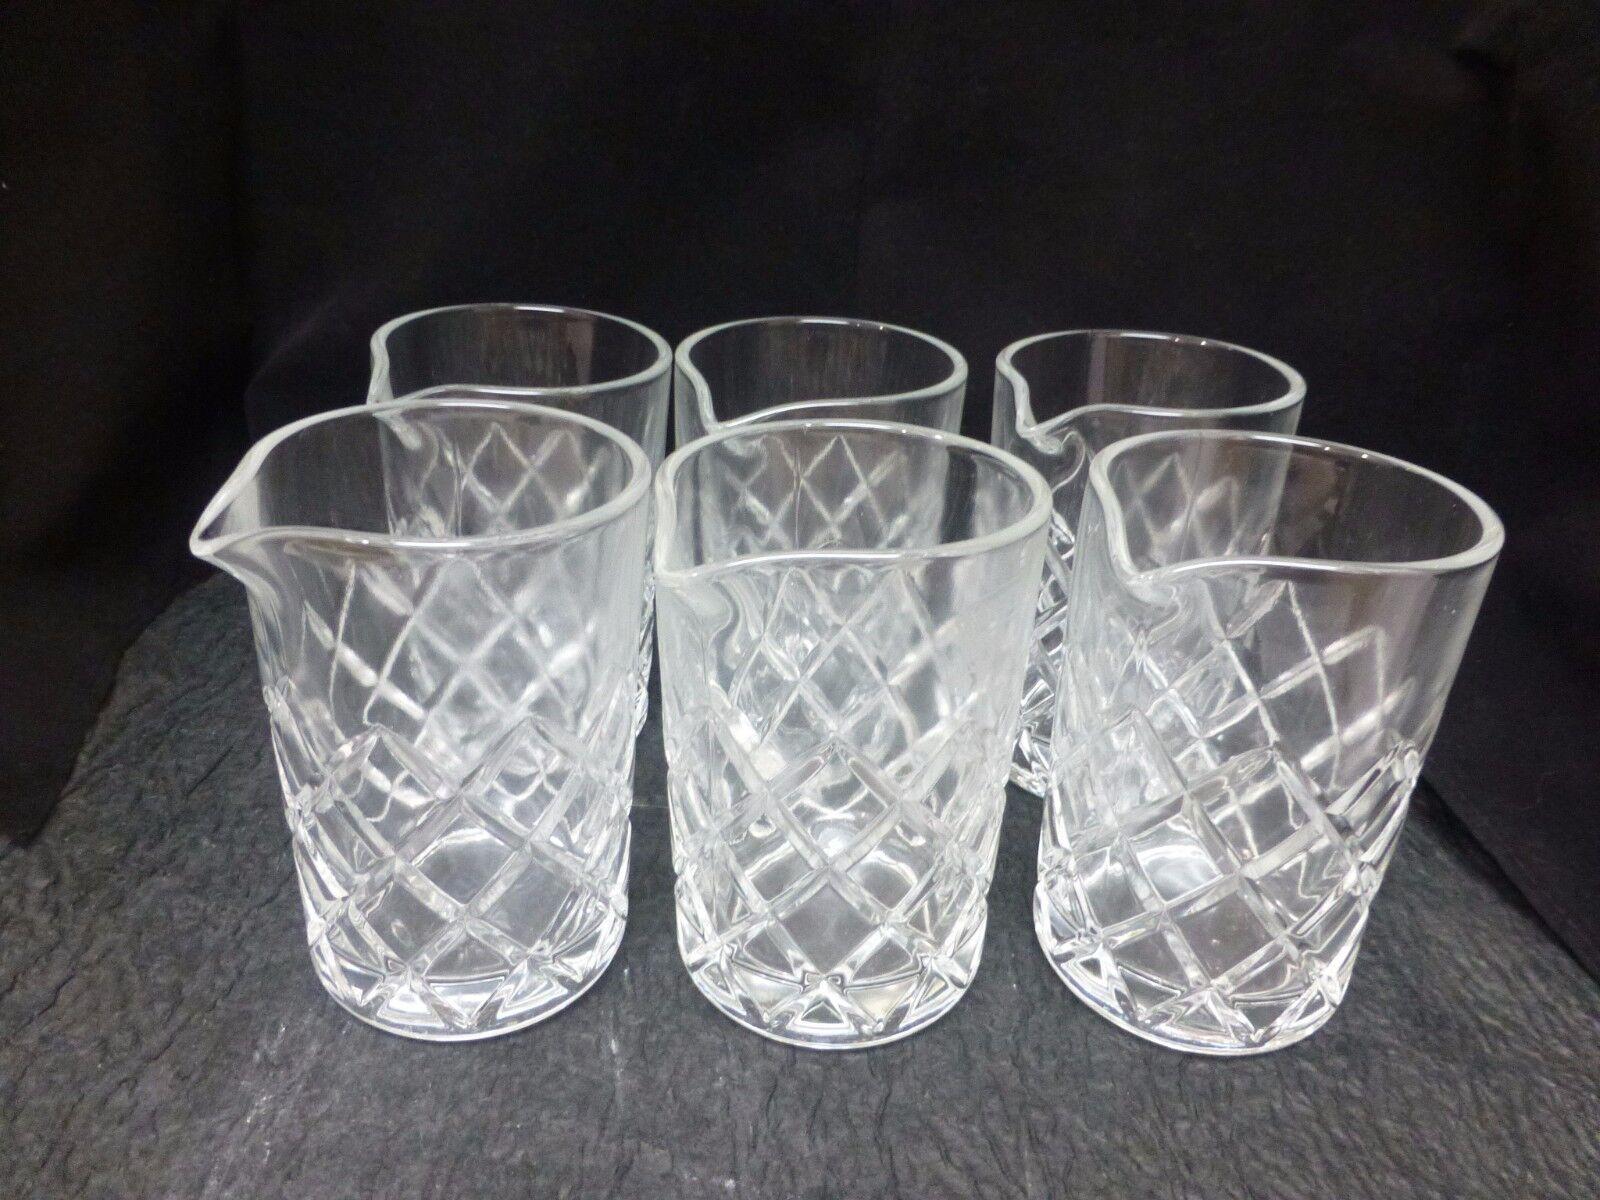 Le Mélange Verre  Yarai Design Verre de Cristal  1 Box (6 verre) - Ninomiya JAPON